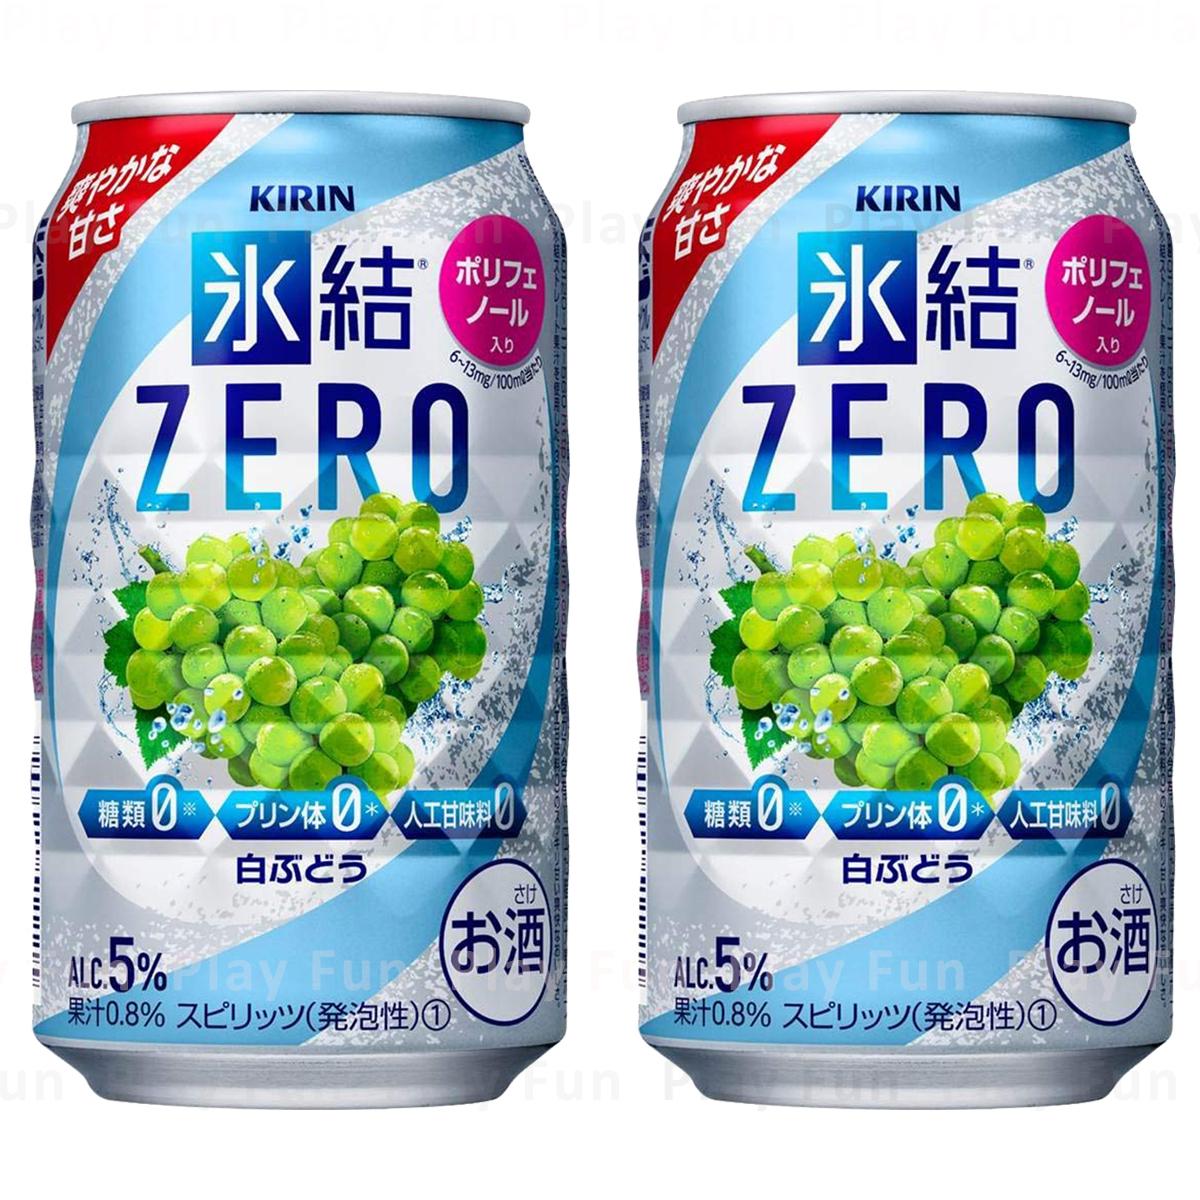 冰結 ZERO 果汁酒 白提子味ALC.5% 350ml x 2罐  (4901411083421_2)